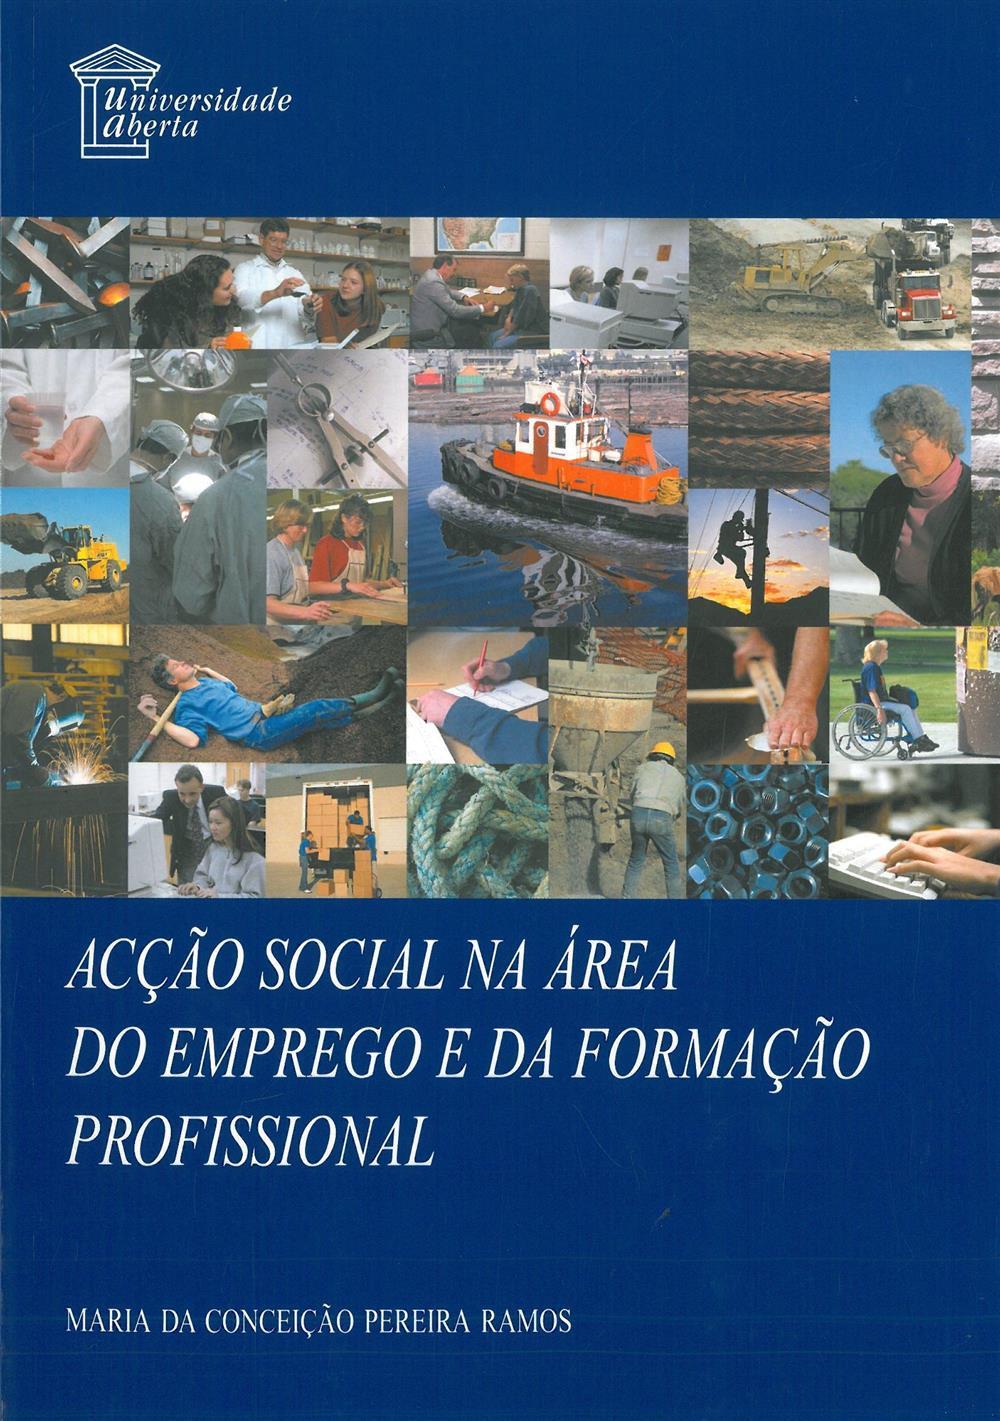 Acção social na área do emprego e da formação profissional_.jpg